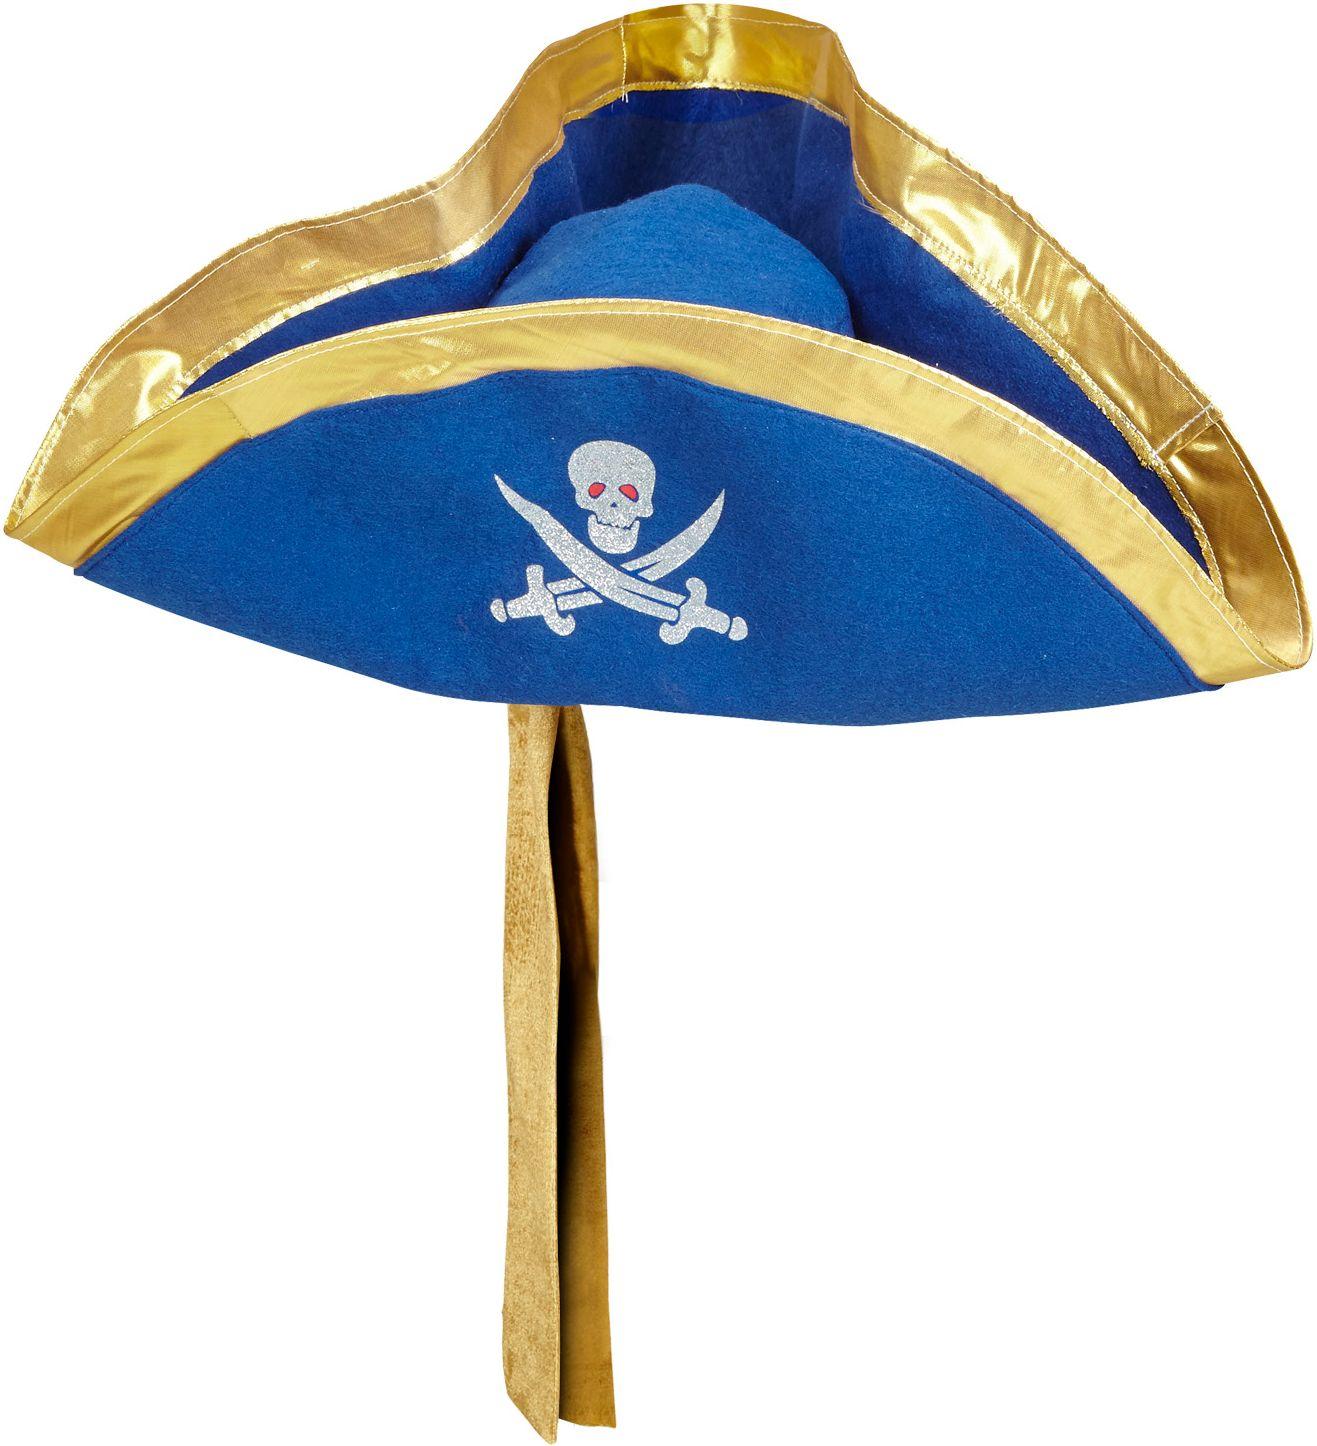 Blauwe tricorn hoed met hoofdband